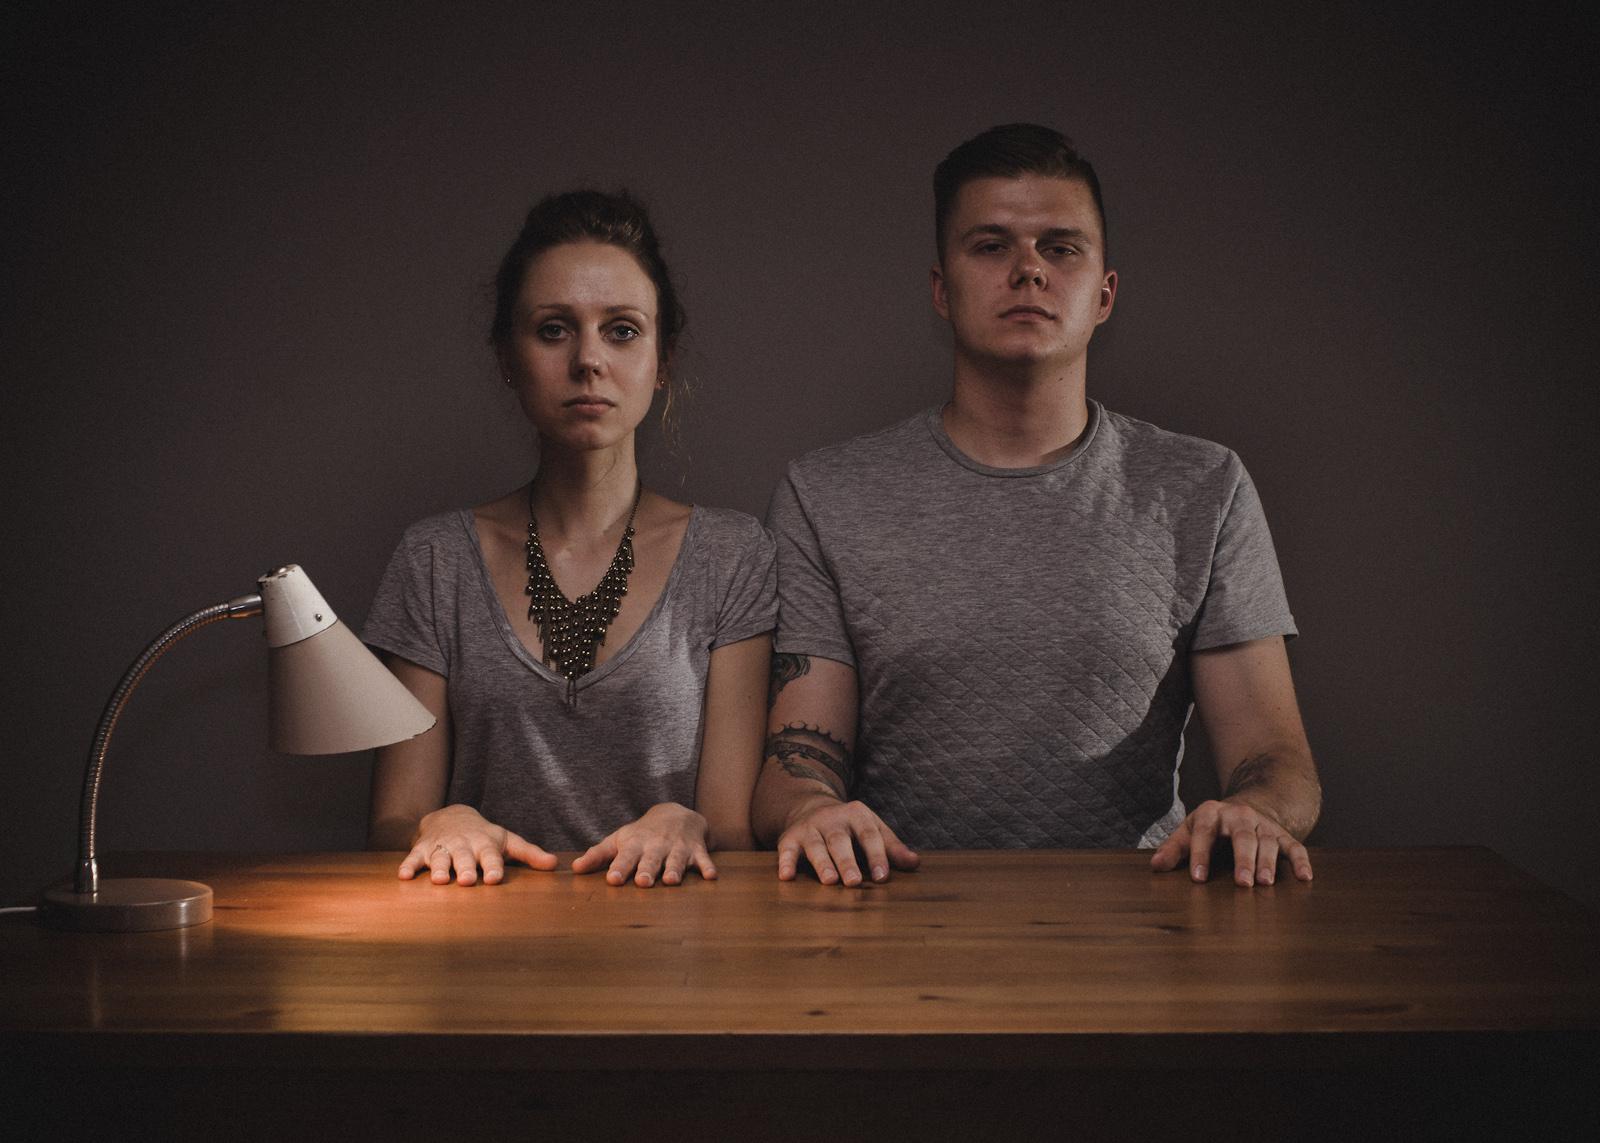 Portret podwójny. Fotografia rodzinna. fot. Łukasz Cyrus